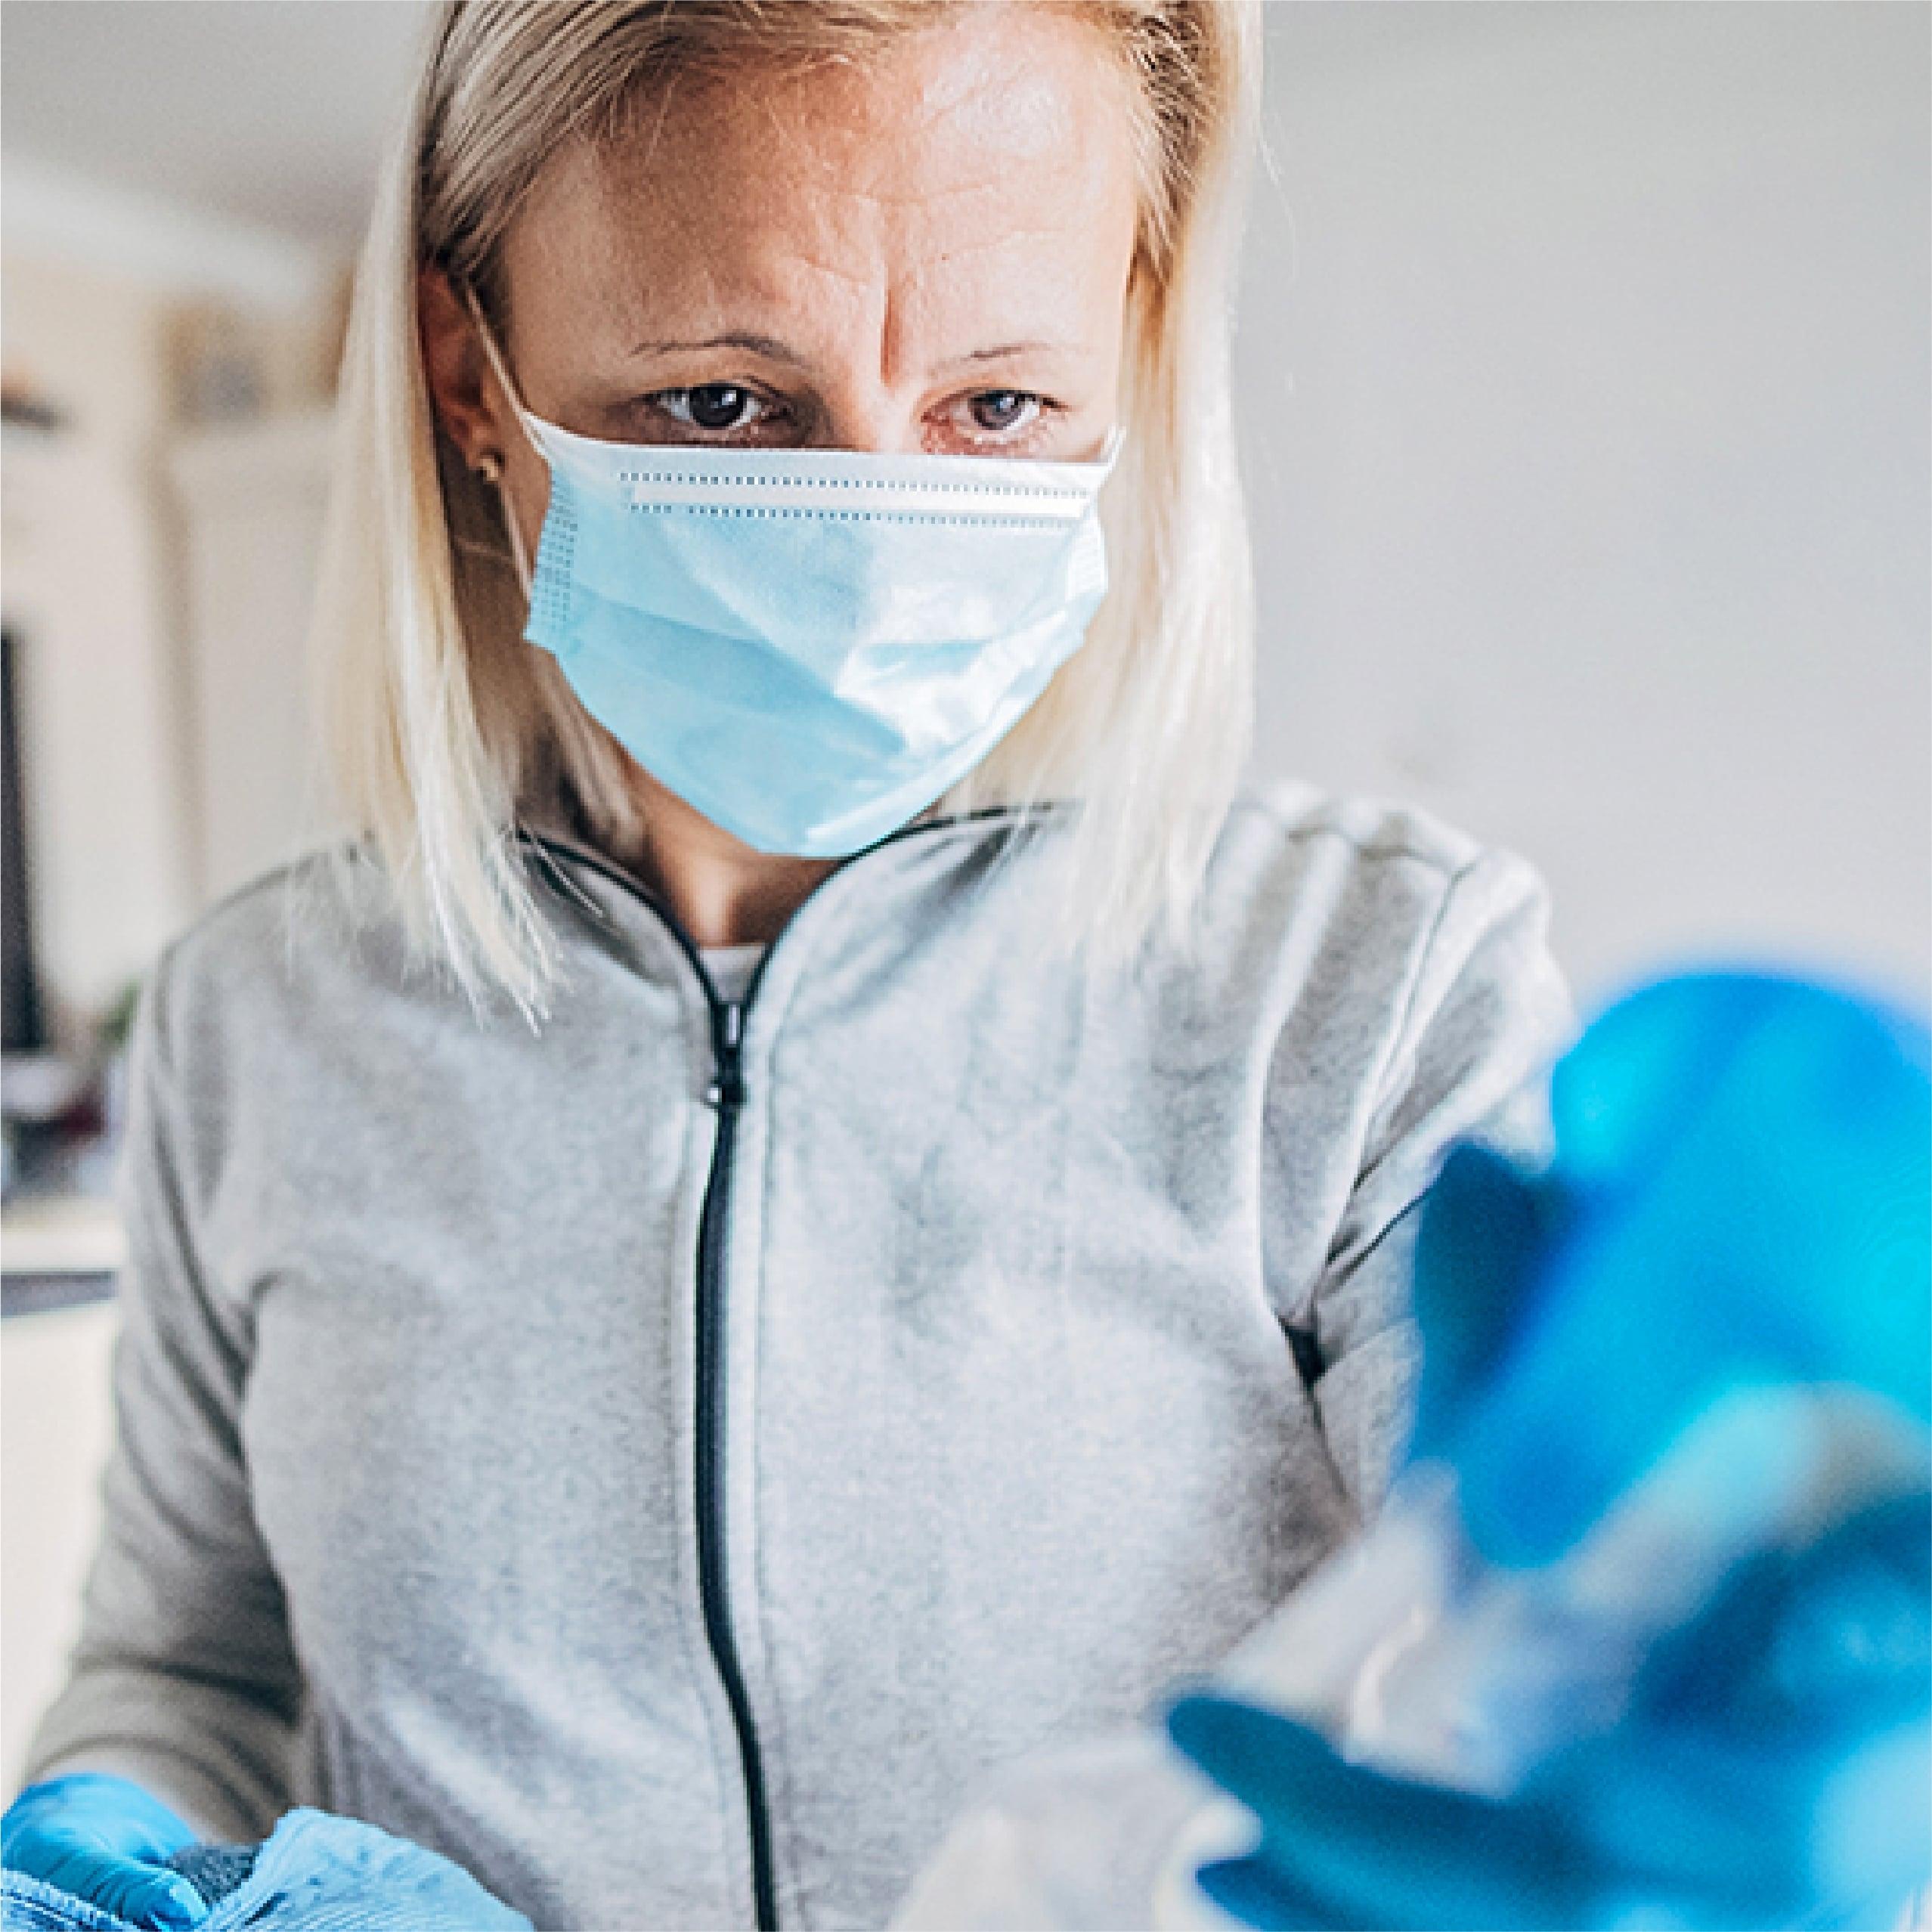 Curso de limpieza y desinfección en el área clínica e industrial-05-min